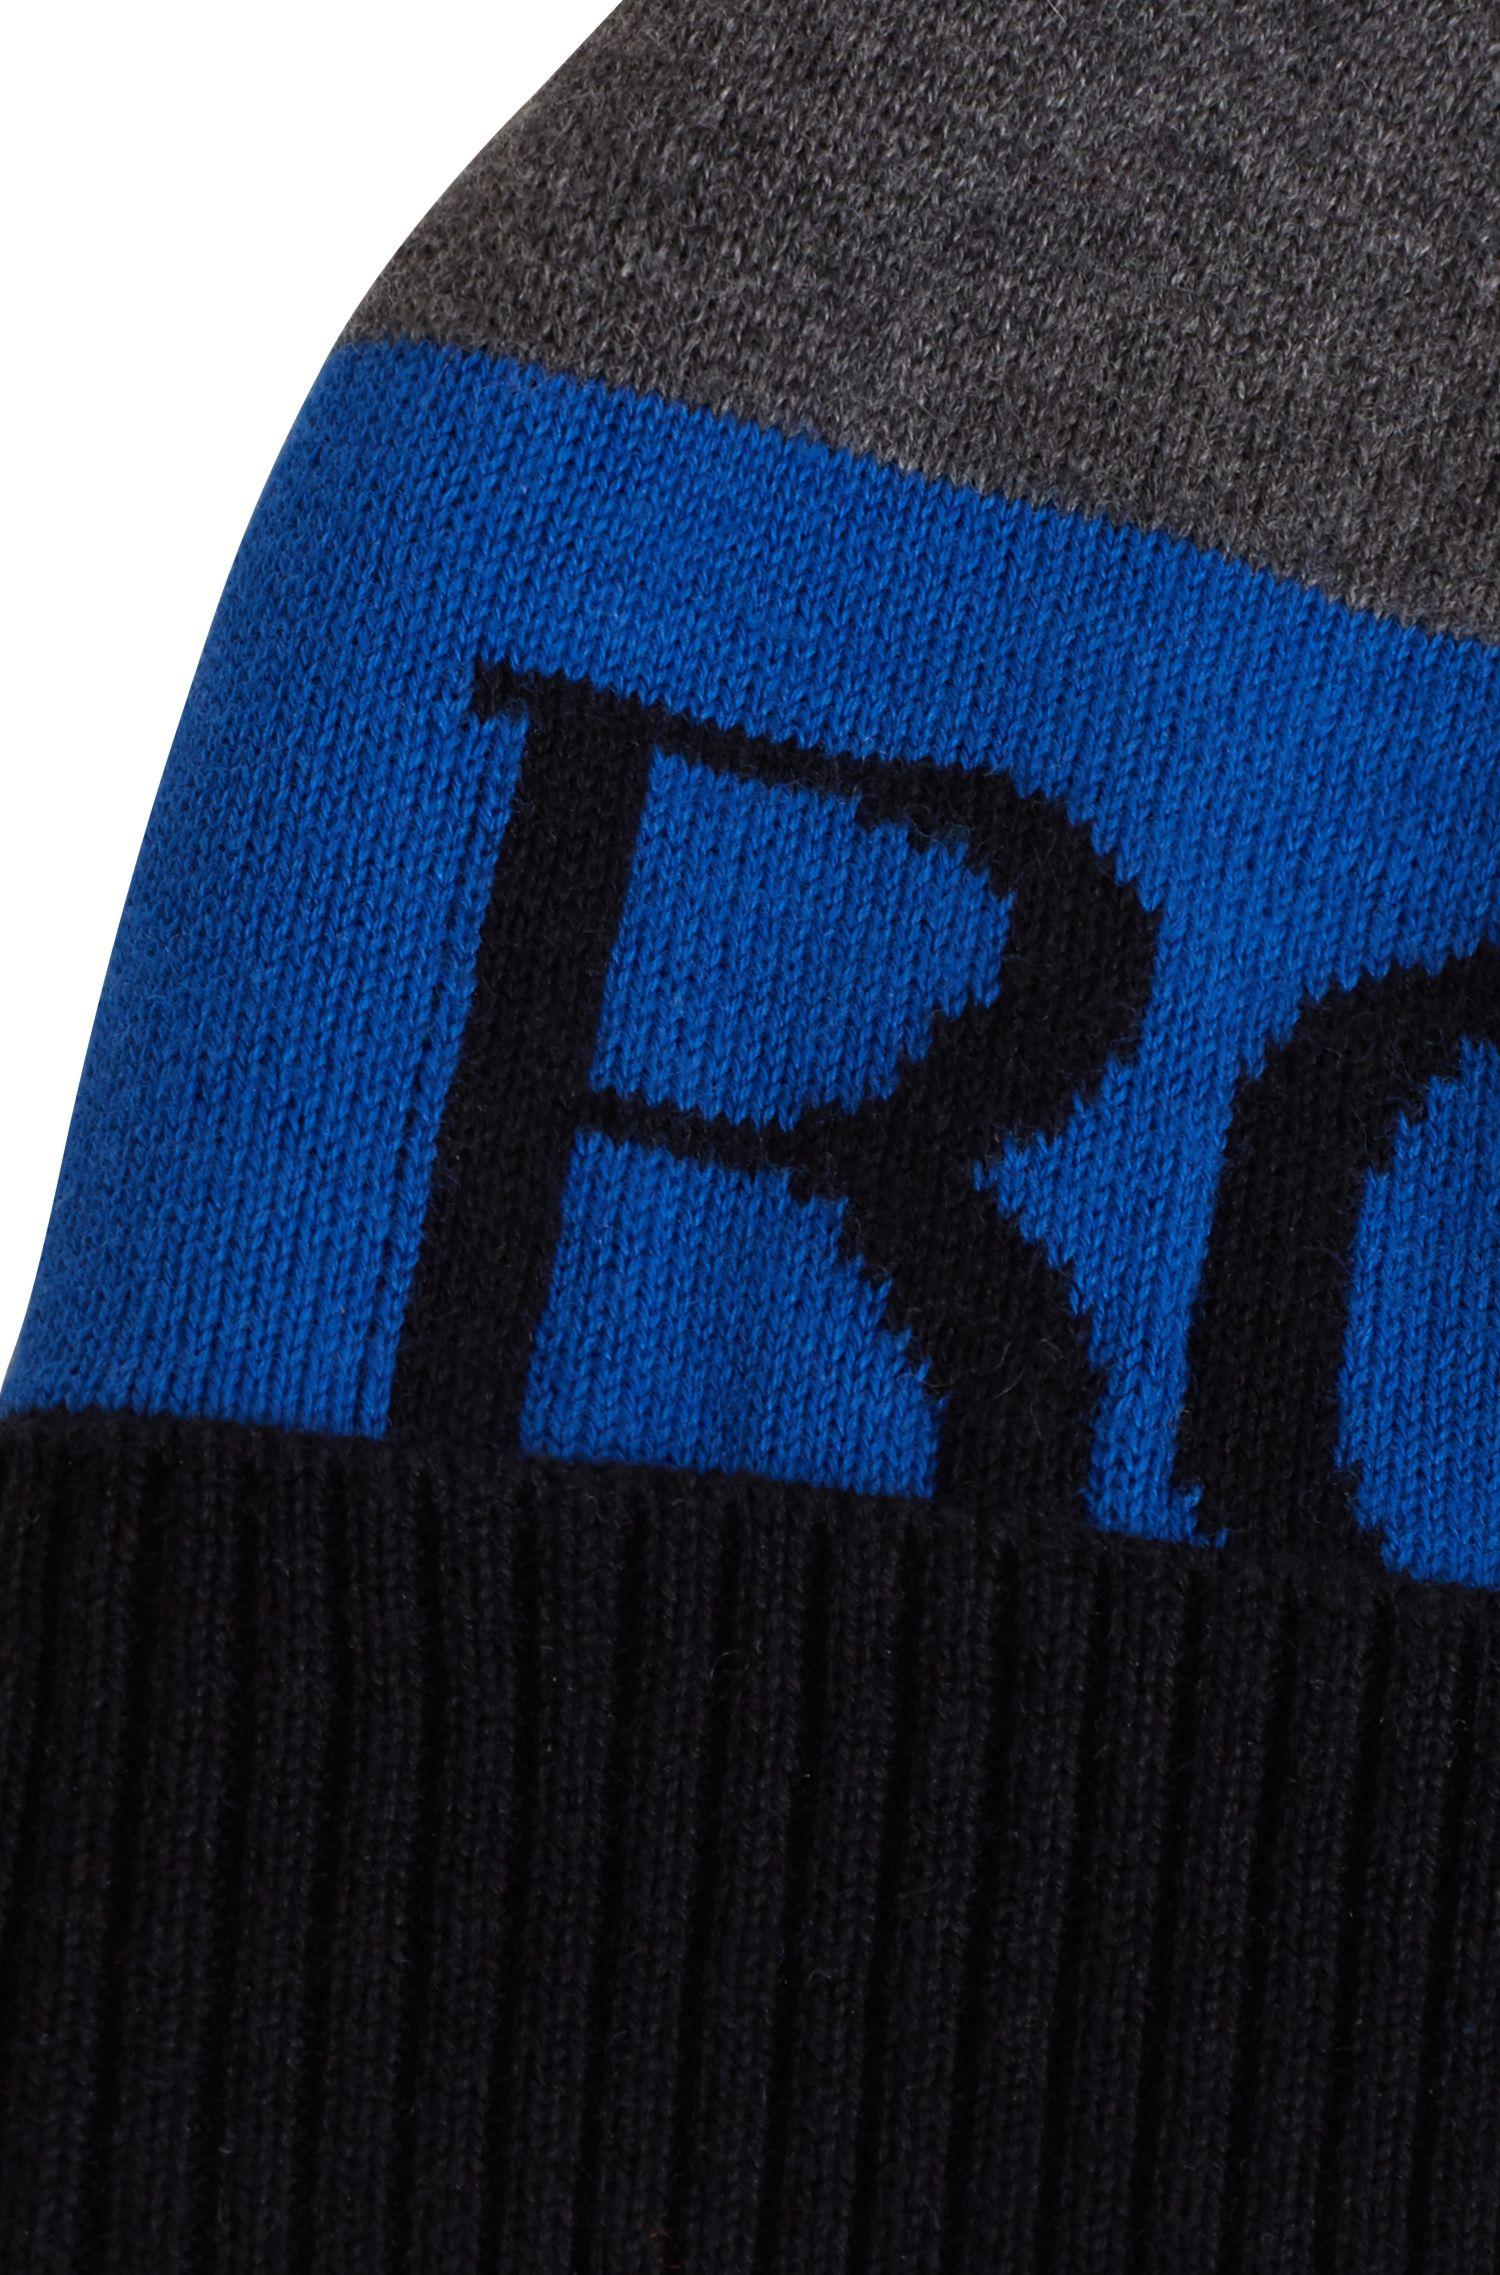 Gorro de algodón peinado para niños con logo en jacquard, Azul